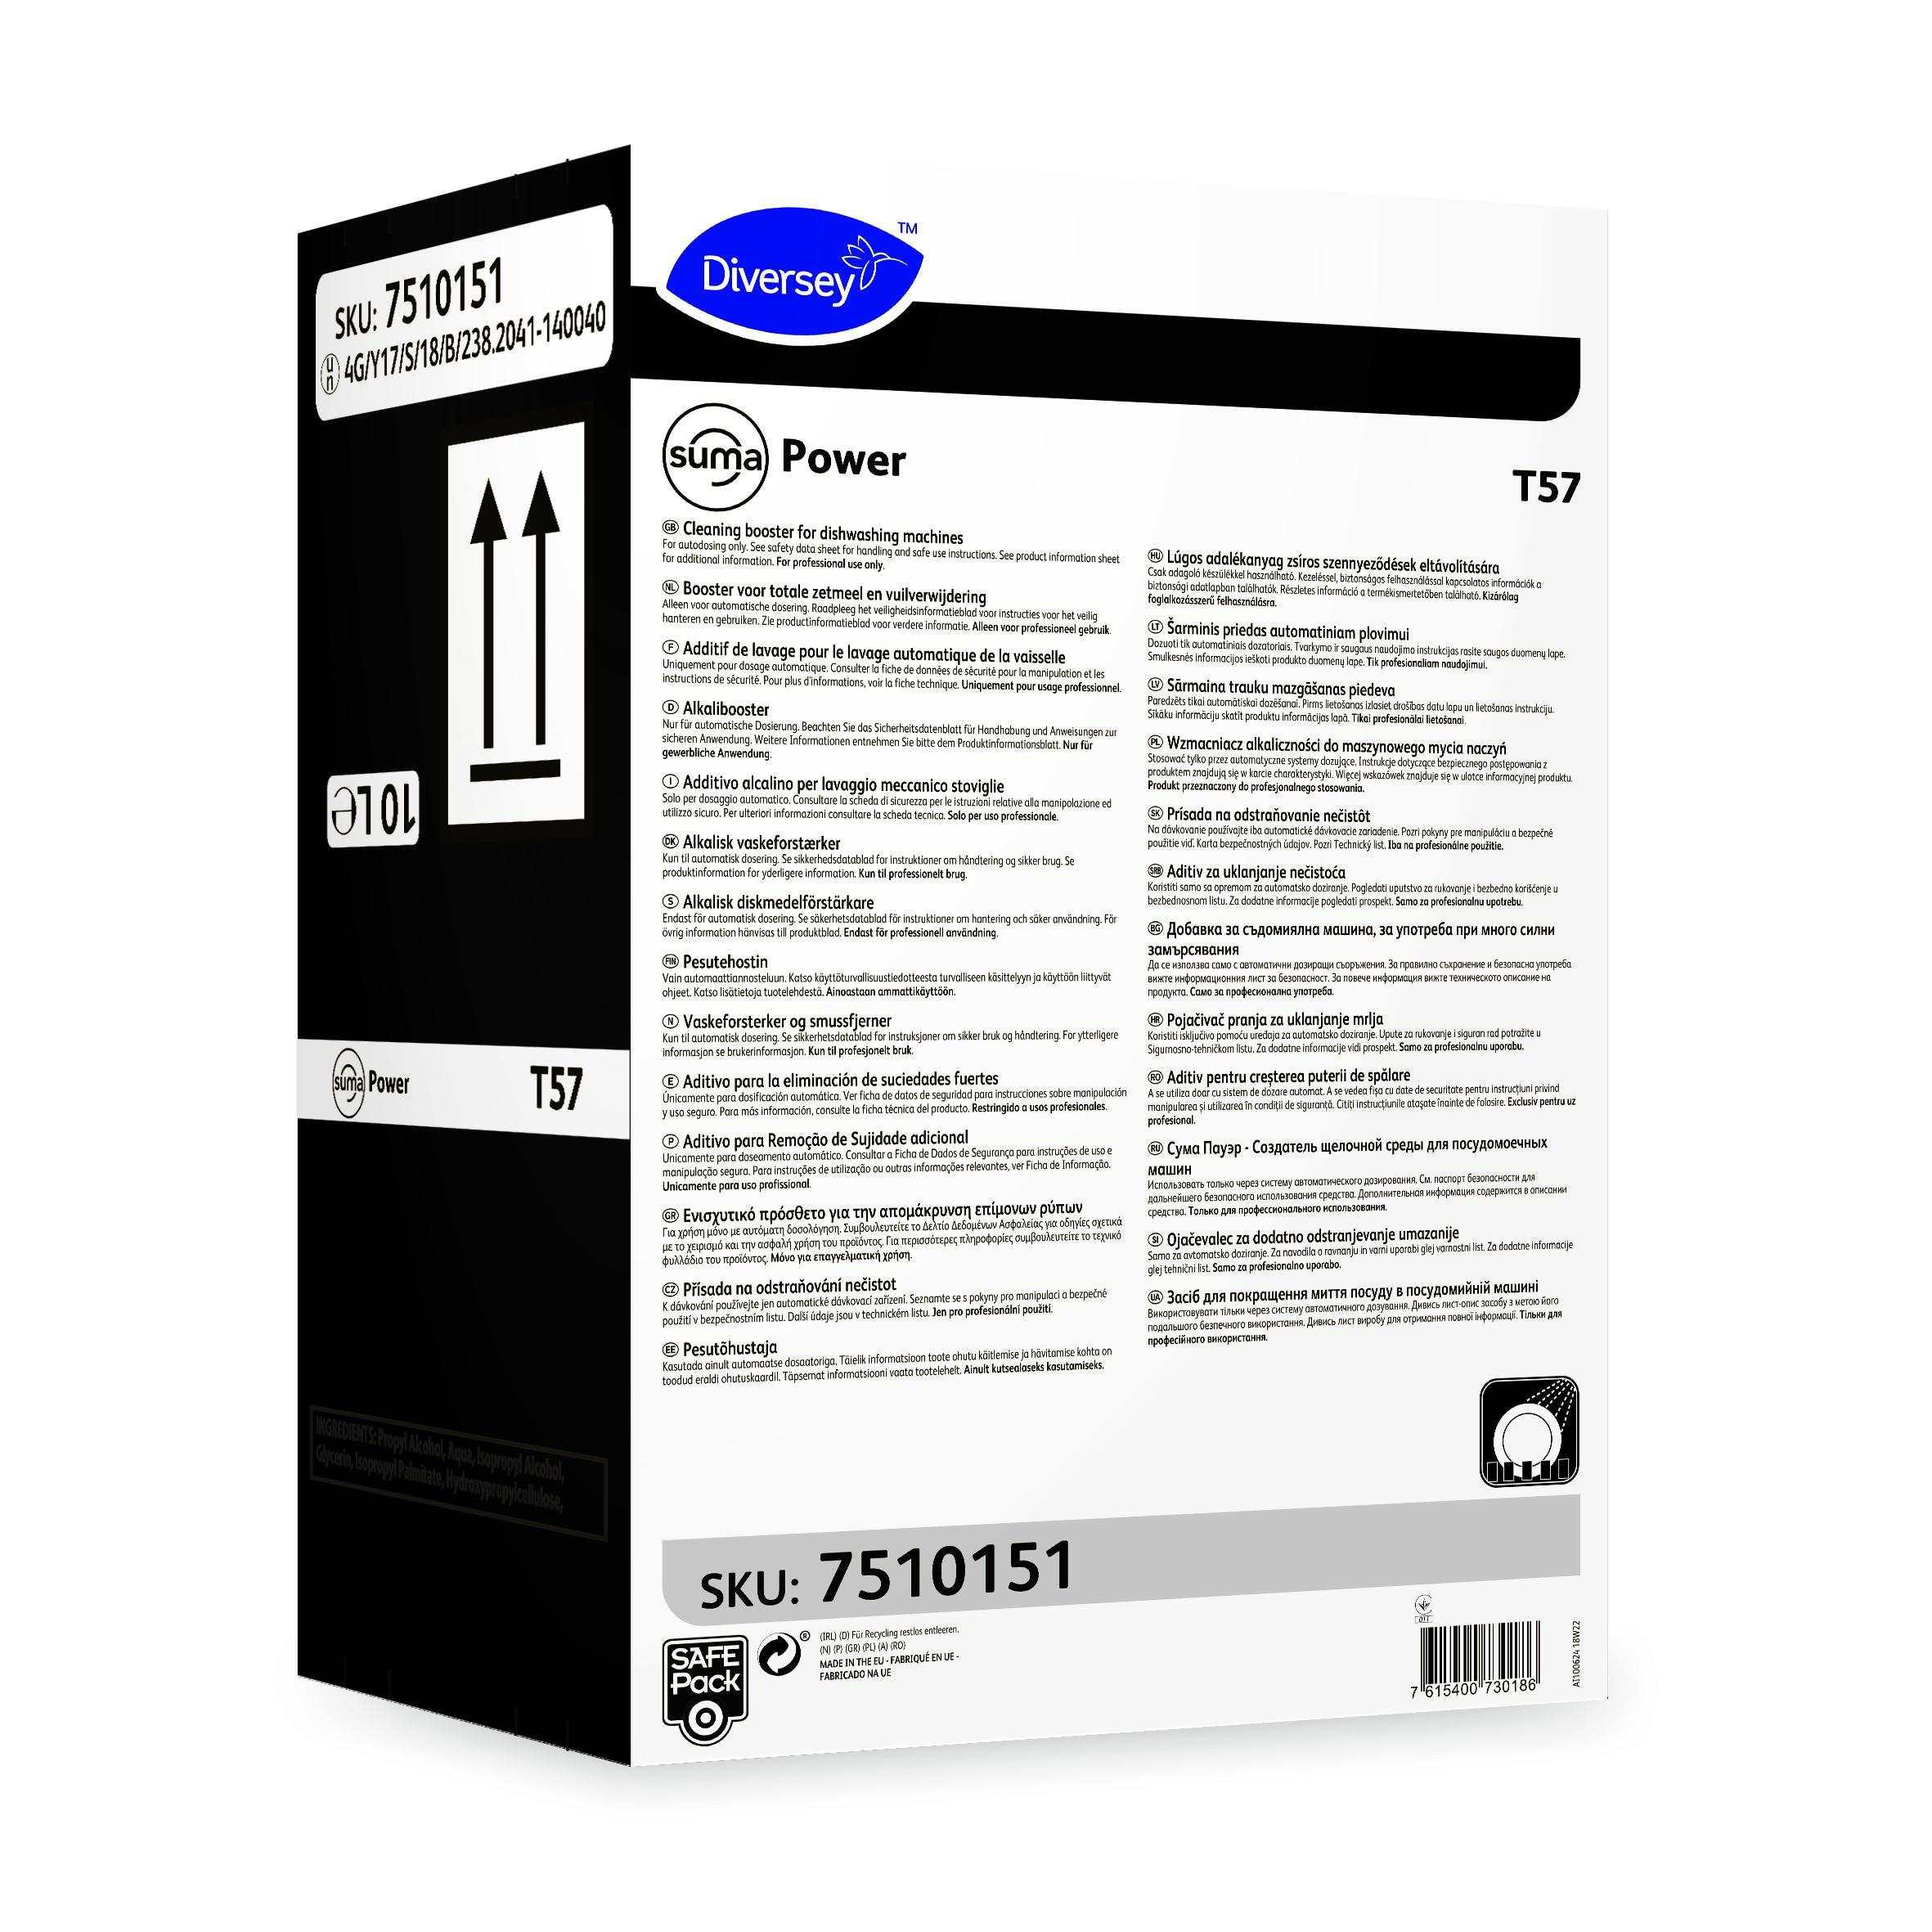 7510151-Suma-Power-CMYK-T57-10L-20x20cm.jpg